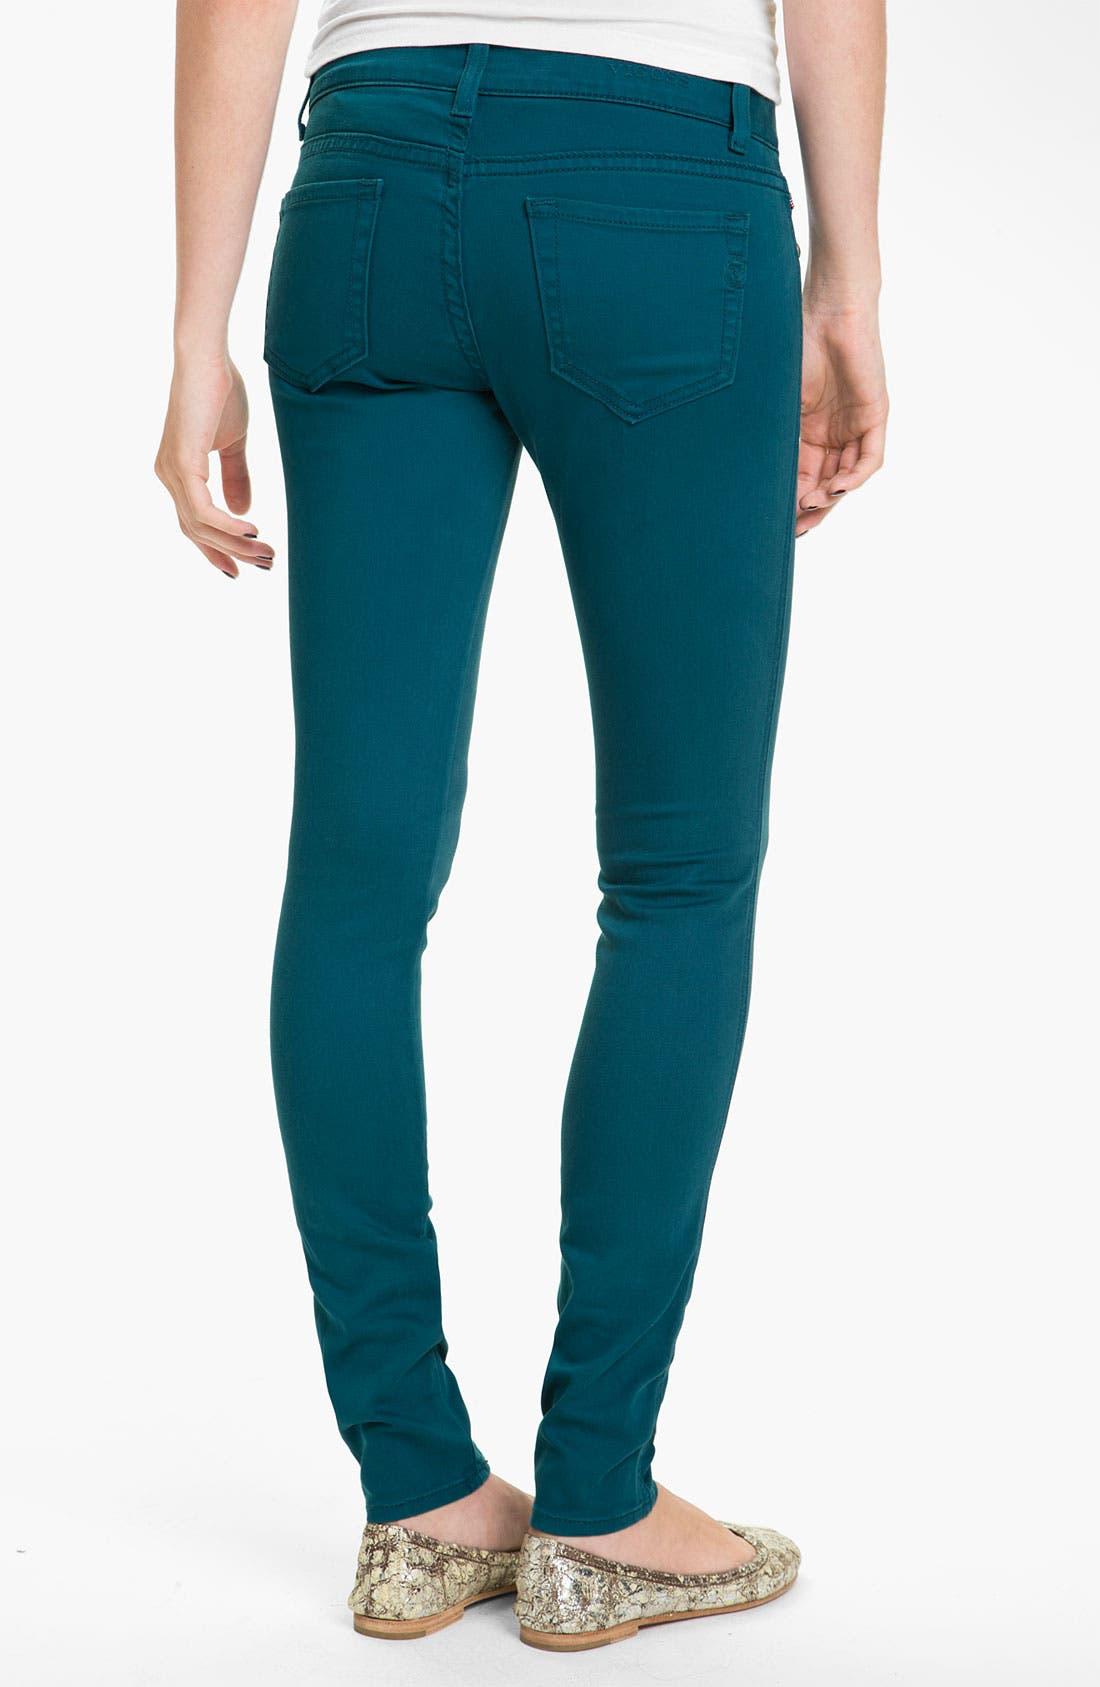 Main Image - Vigoss Color Skinny Jeans (Teal) (Juniors)